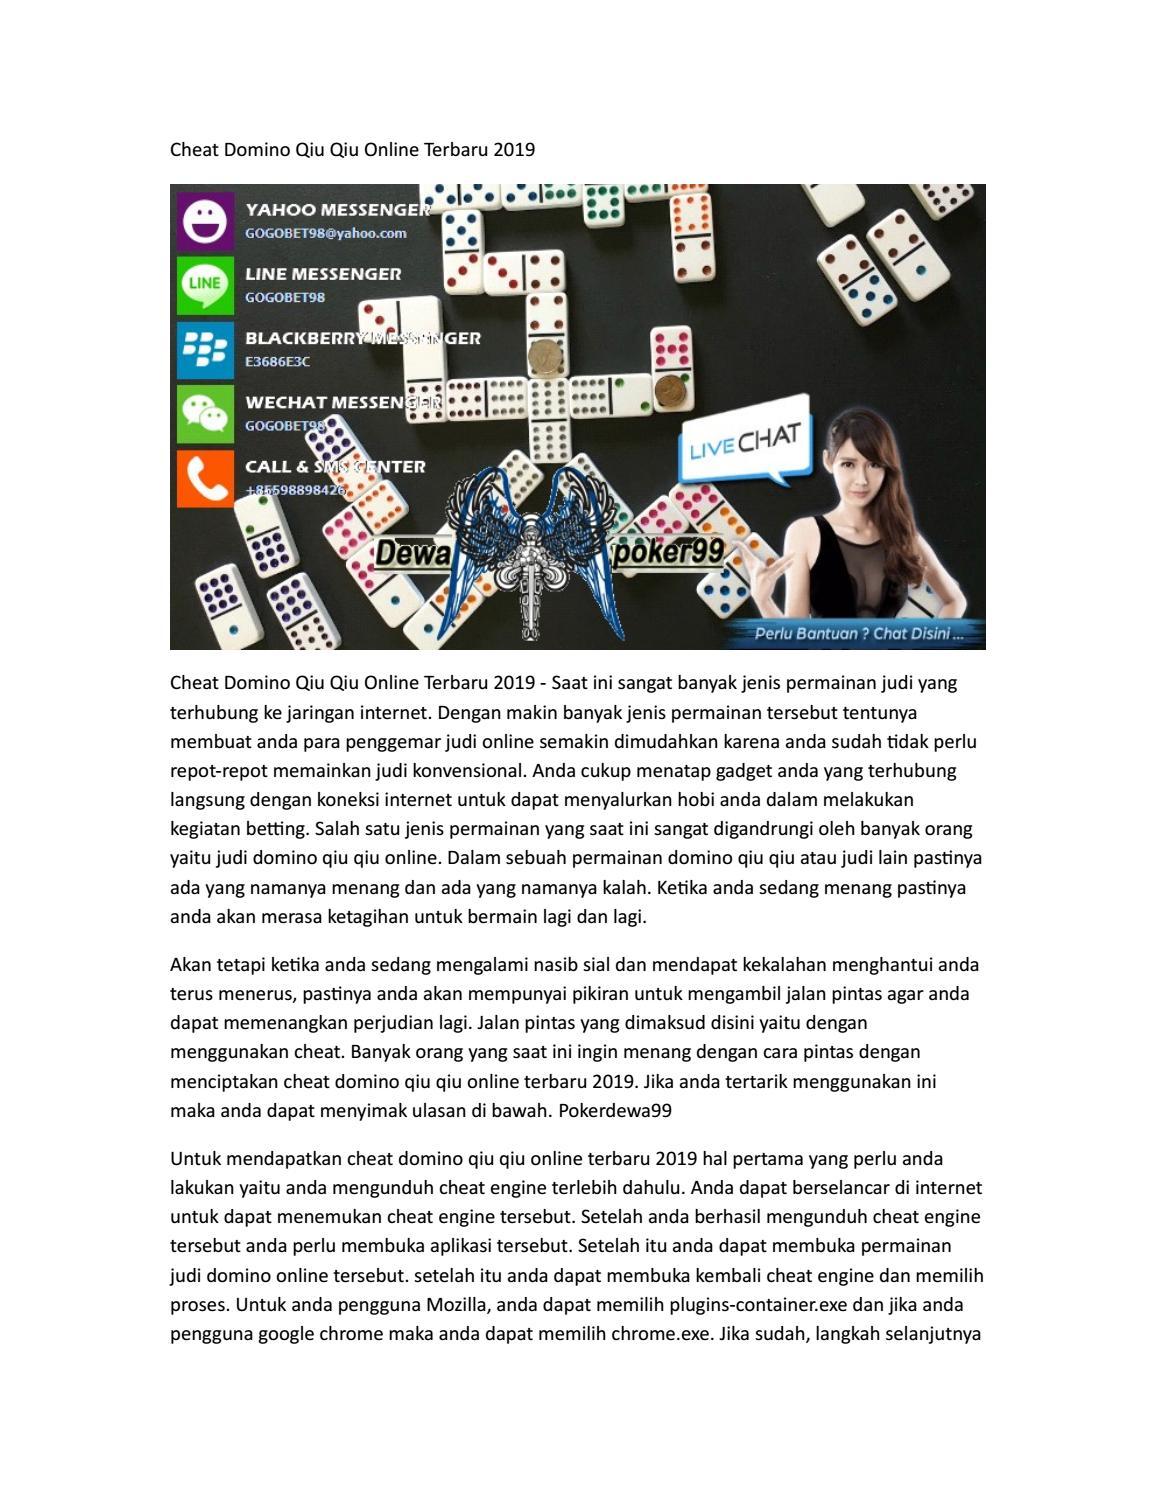 Cheat Domino Qiu Qiu Online Terbaru 2019 Dewapoker99 By Poker Idnplay Issuu